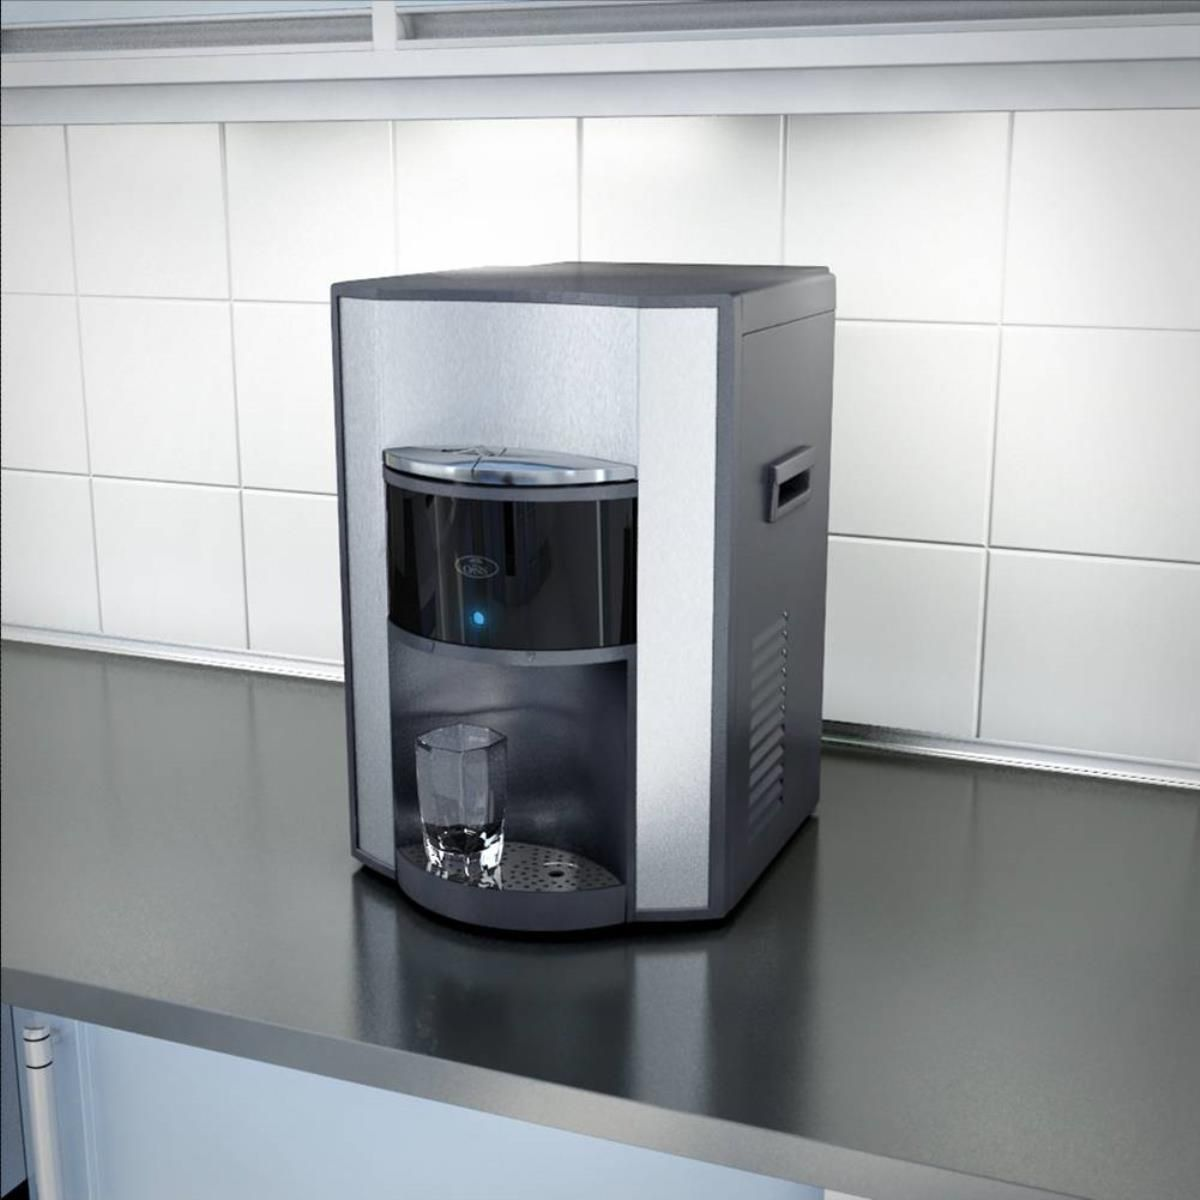 Oasis Pou1ccths Onyx Countertop Pou Hot Cold Water Dispenser